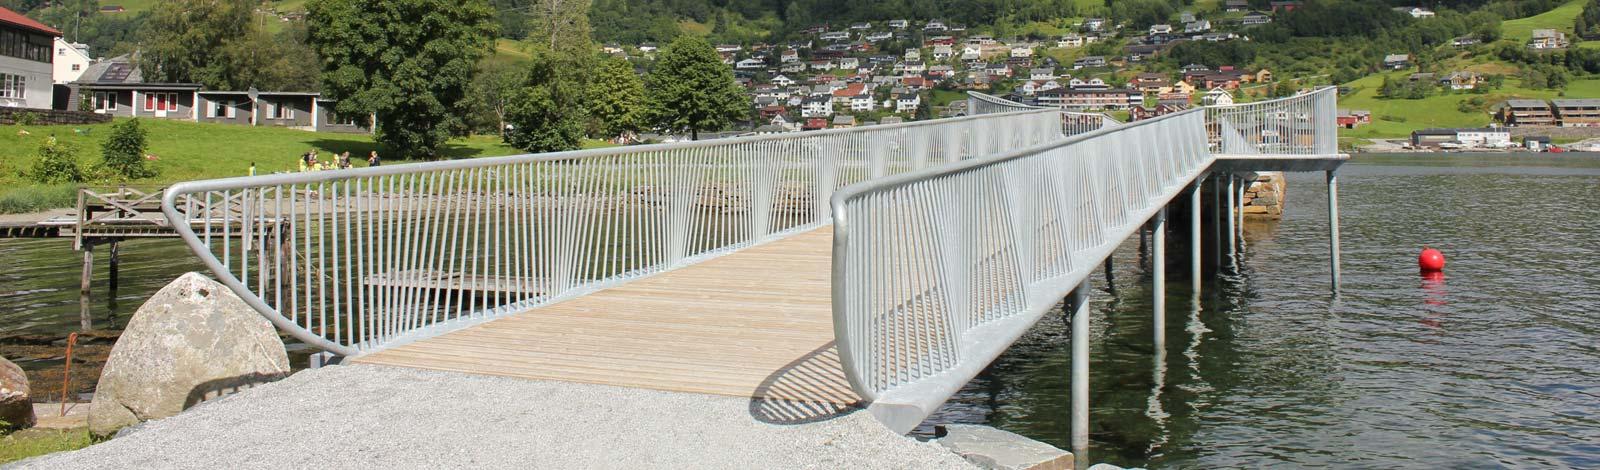 bridge Norheimsund_Norway